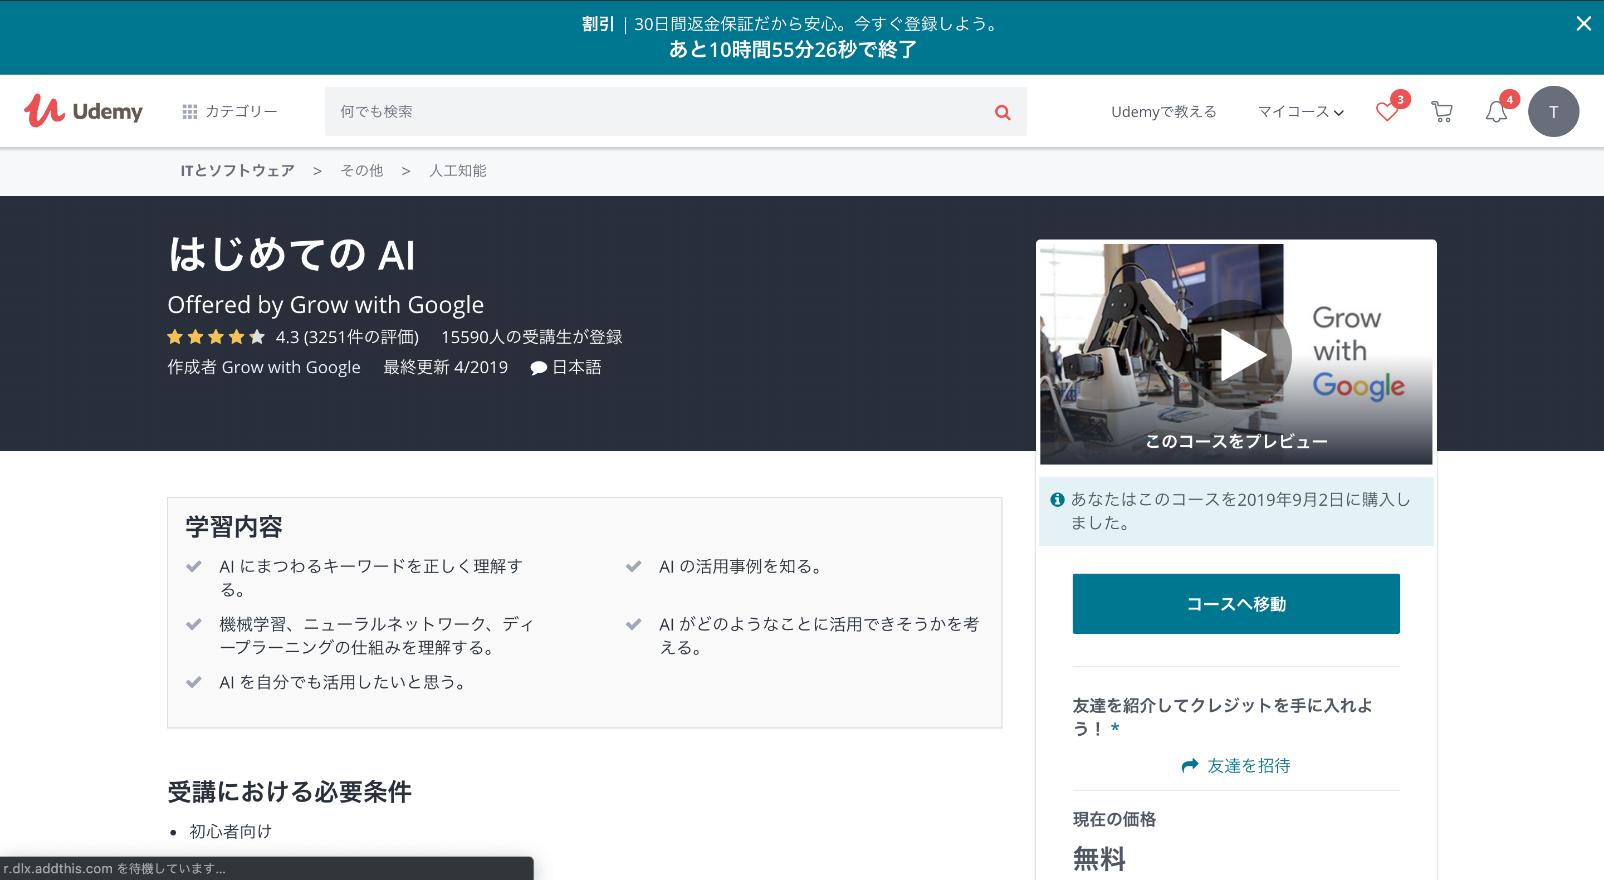 【無料】Udemyで学ぶはじめてのAI(ディープラーニング、機械学習)